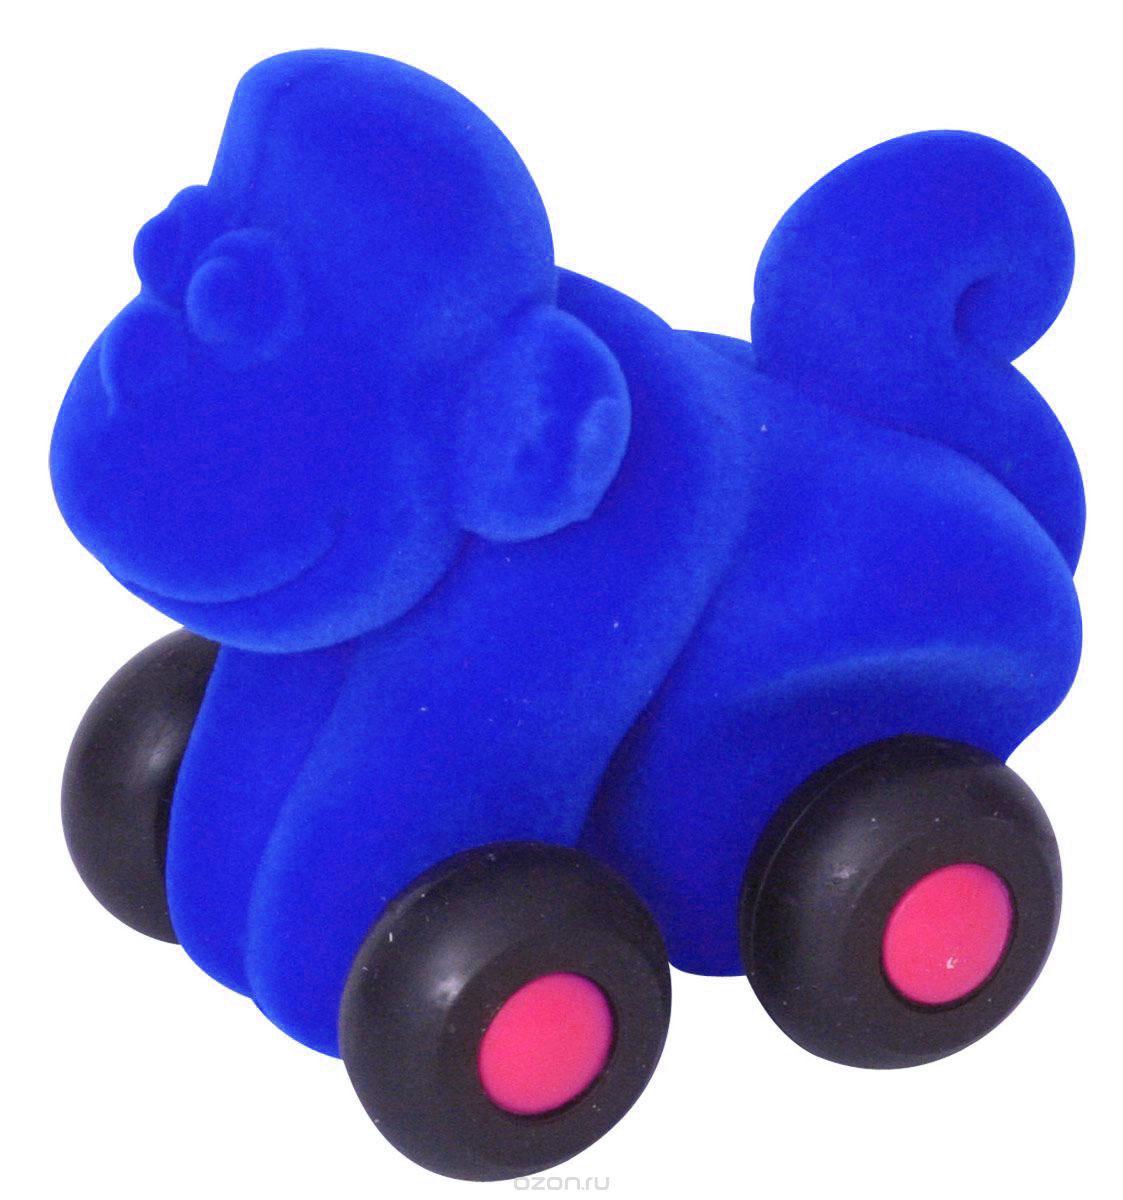 Rubbabu Фигурка функциональная Обезьяна цвет синий машины rubbabu скутер из натурального каучука с флоковым покрытием 21 см